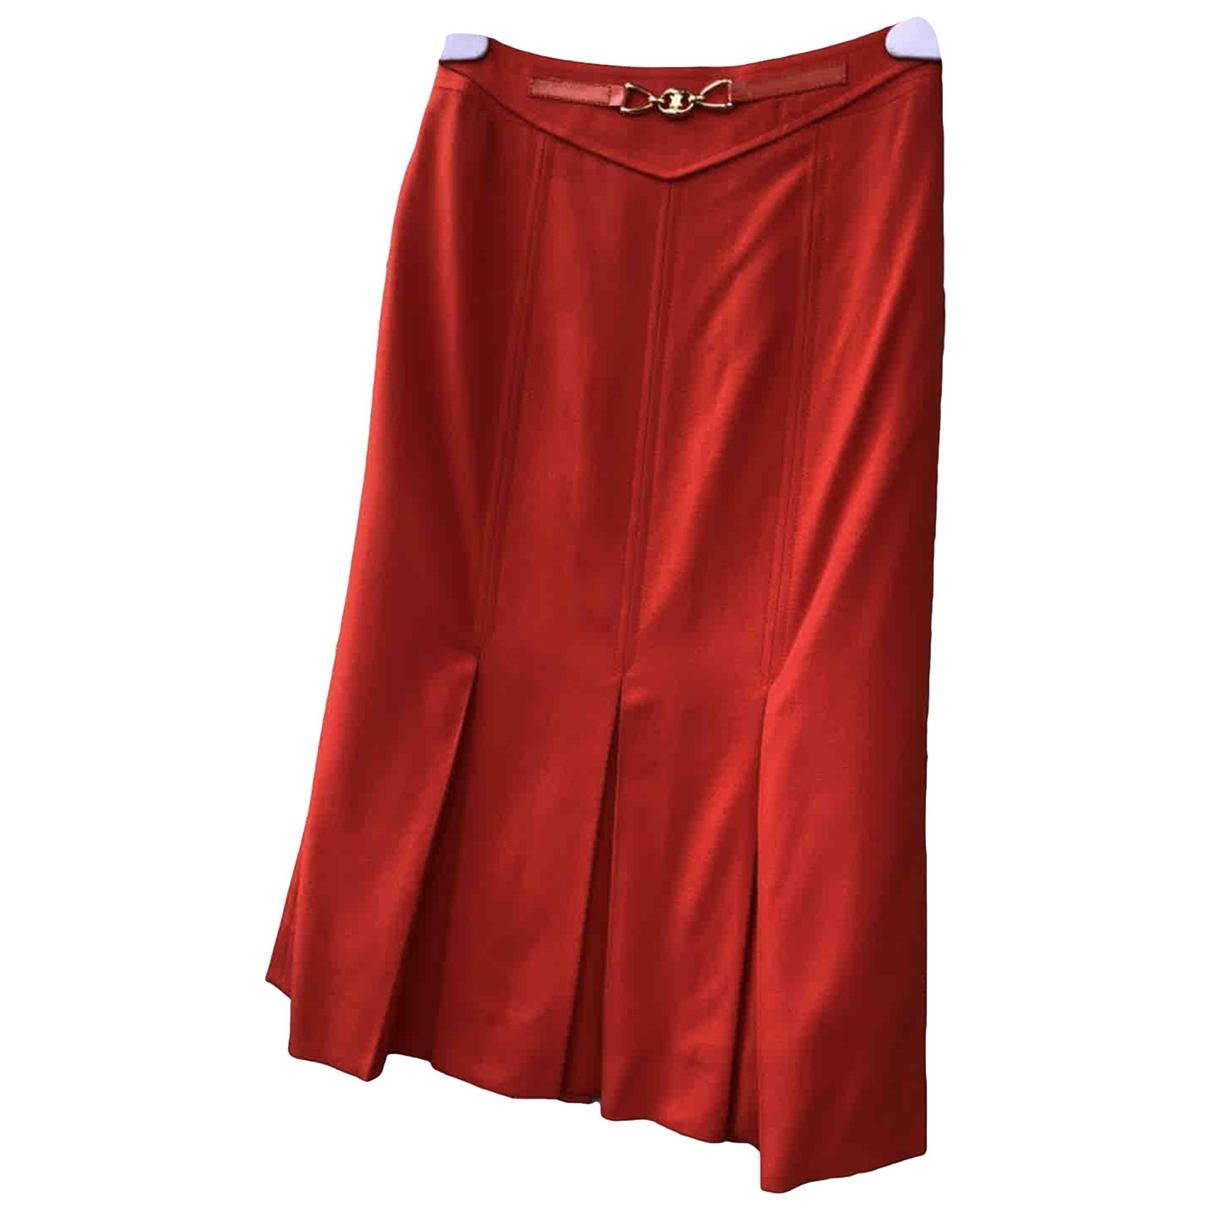 Celine \N Red Wool skirt for Women 42 FR